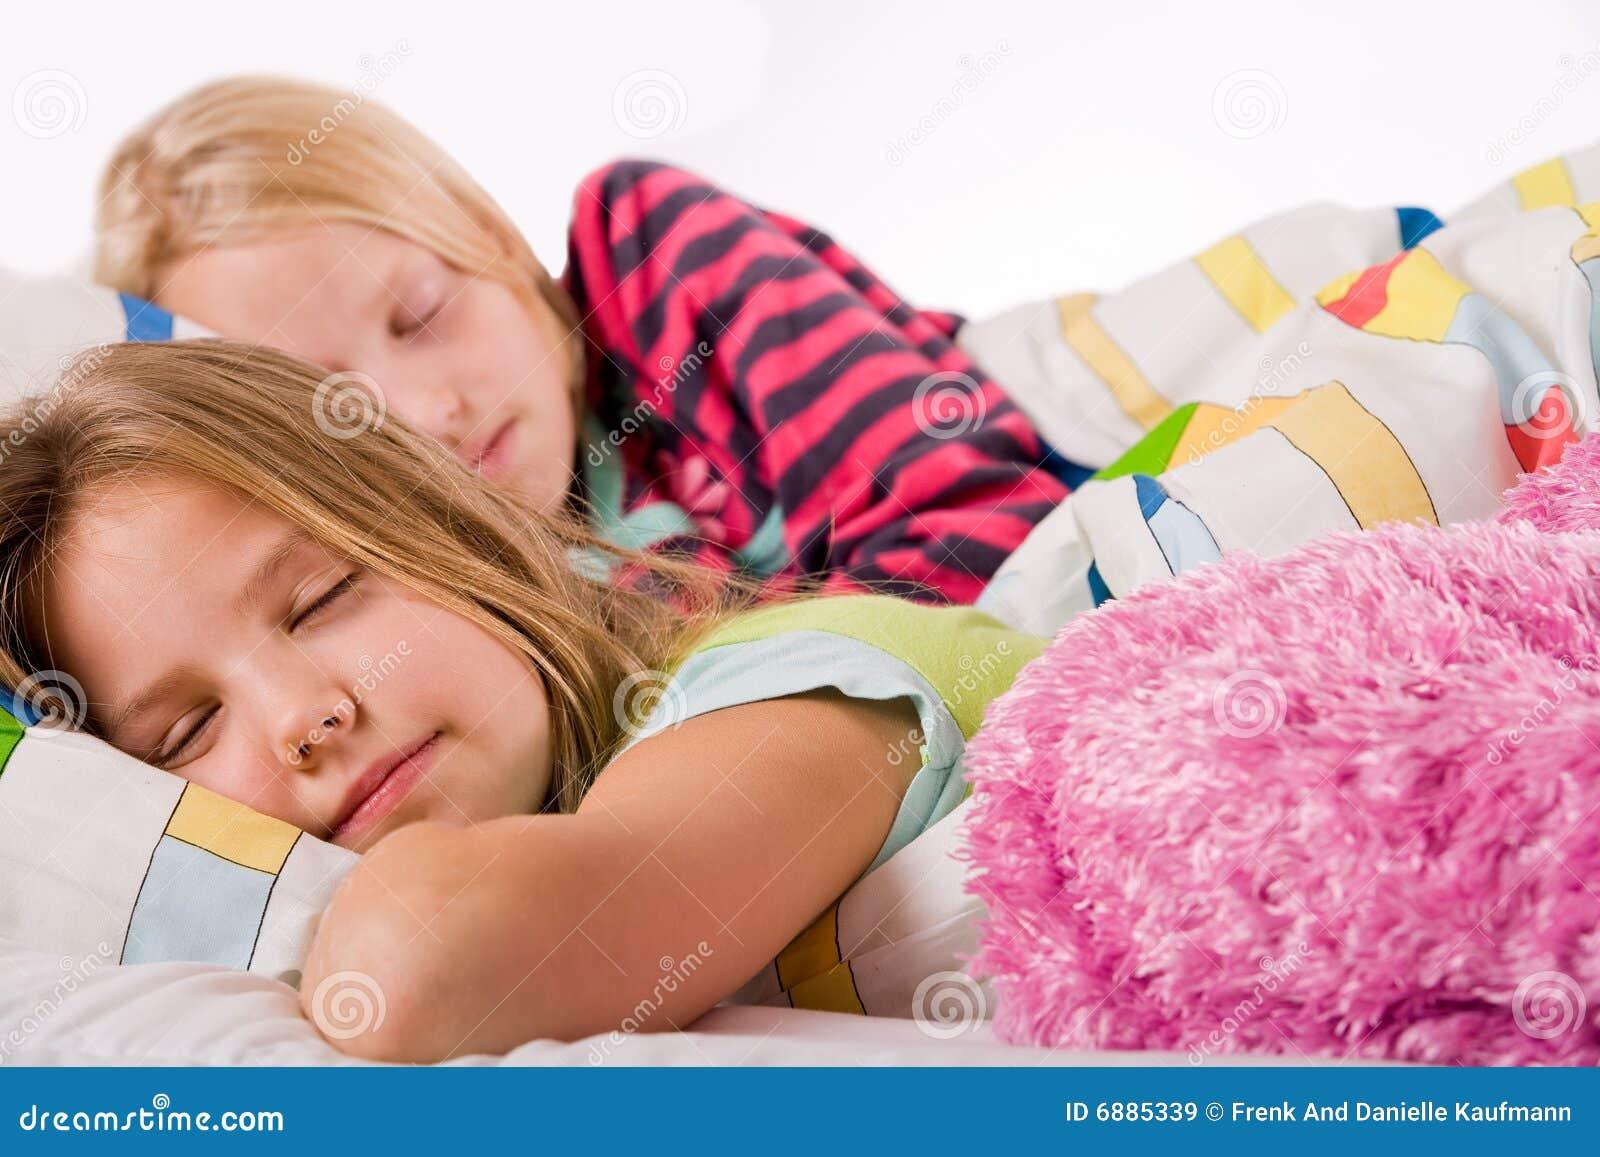 talk to free girls sleeping